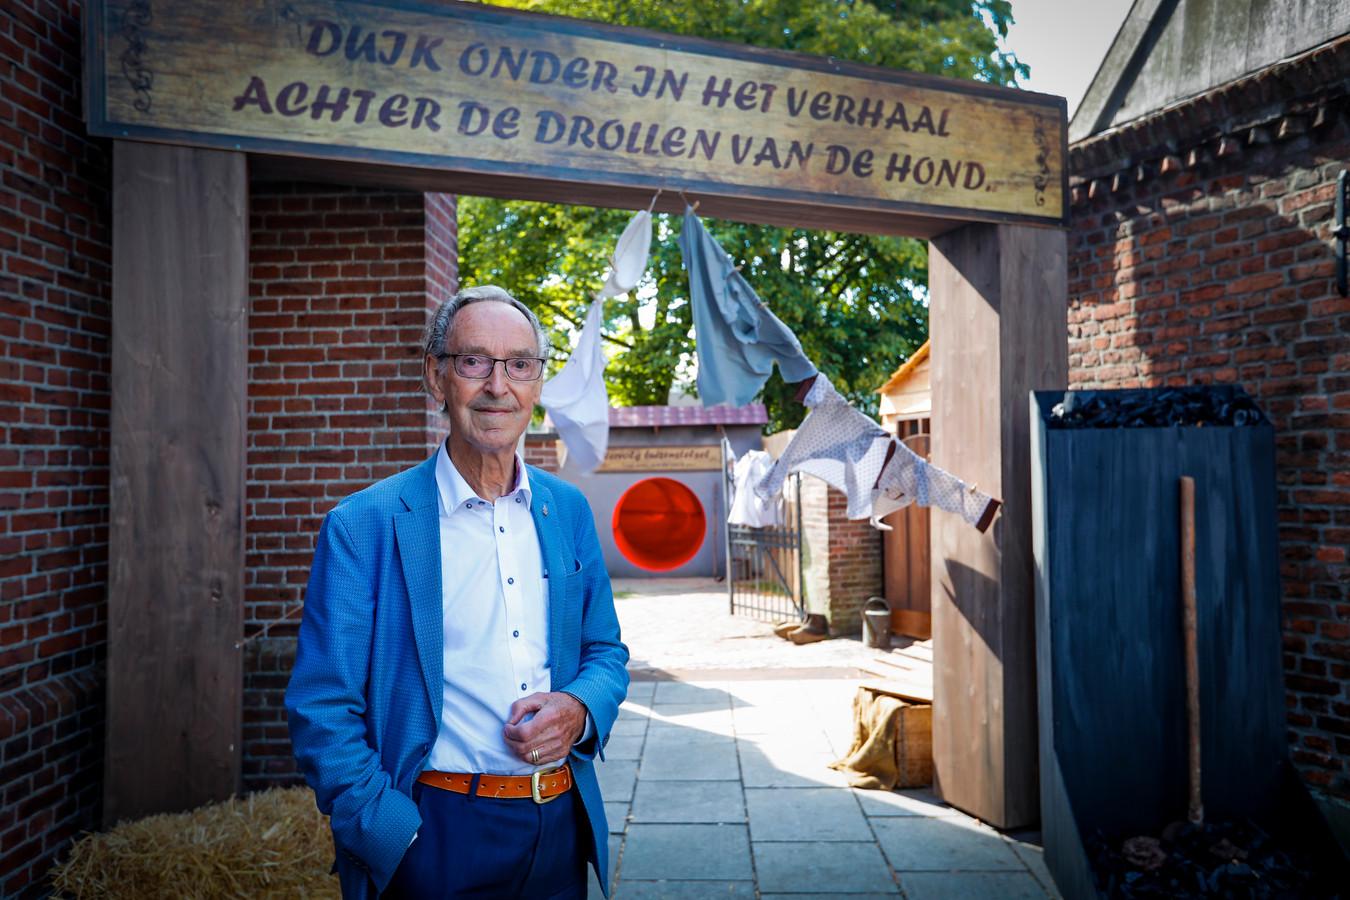 Johan Biemans vertelt in Bergeijk het verhaal 'De drollen van de hond'.